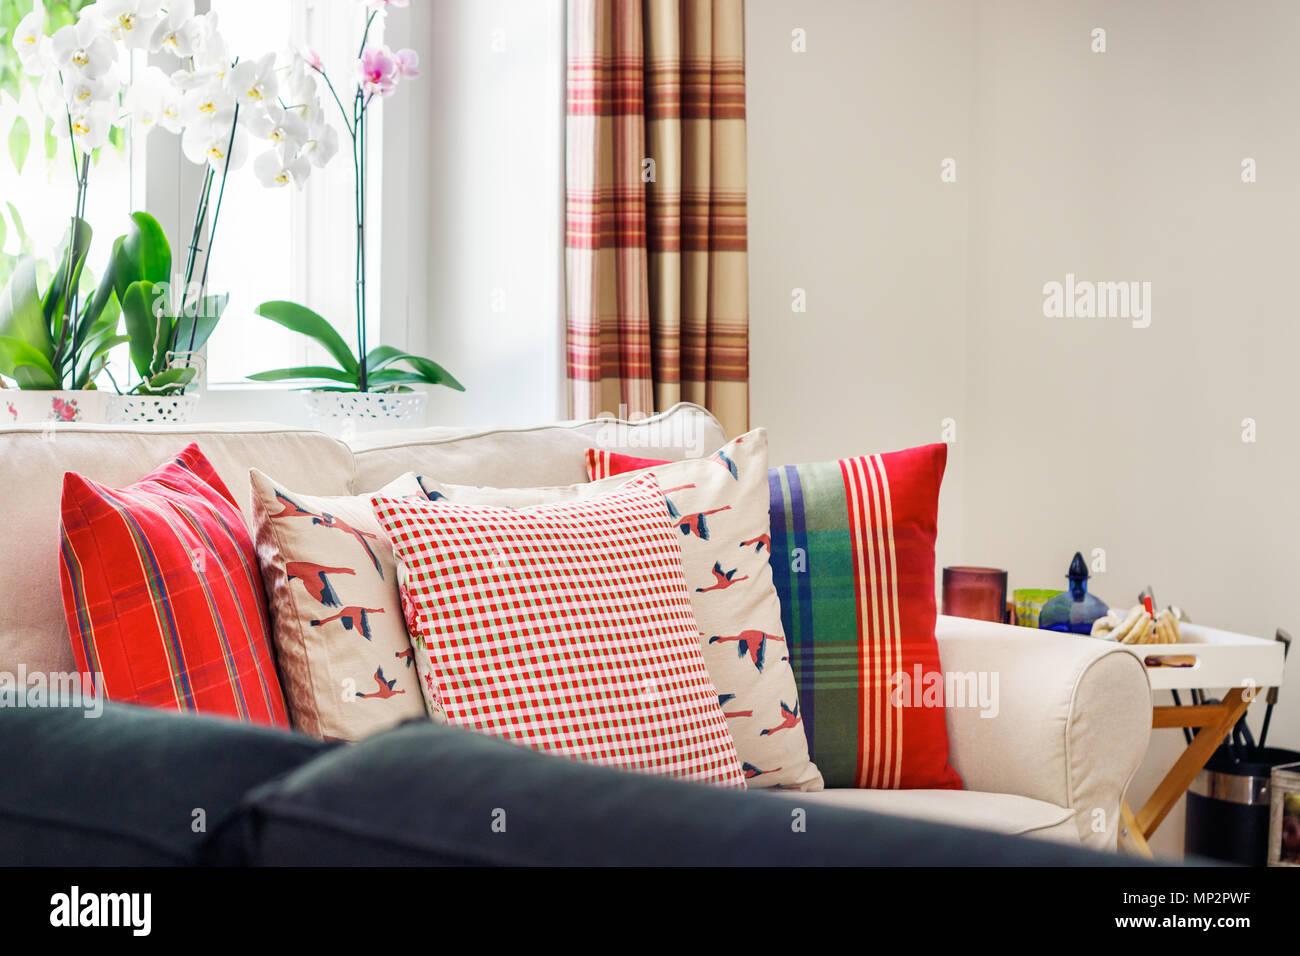 Detail Aus Einem Wohnzimmer Innenraum, Englischer Landhausstil Mit  Vorhängen, Zwei Sitze Sofa Mit Kissen Und Orchideen An Den Fenstern.